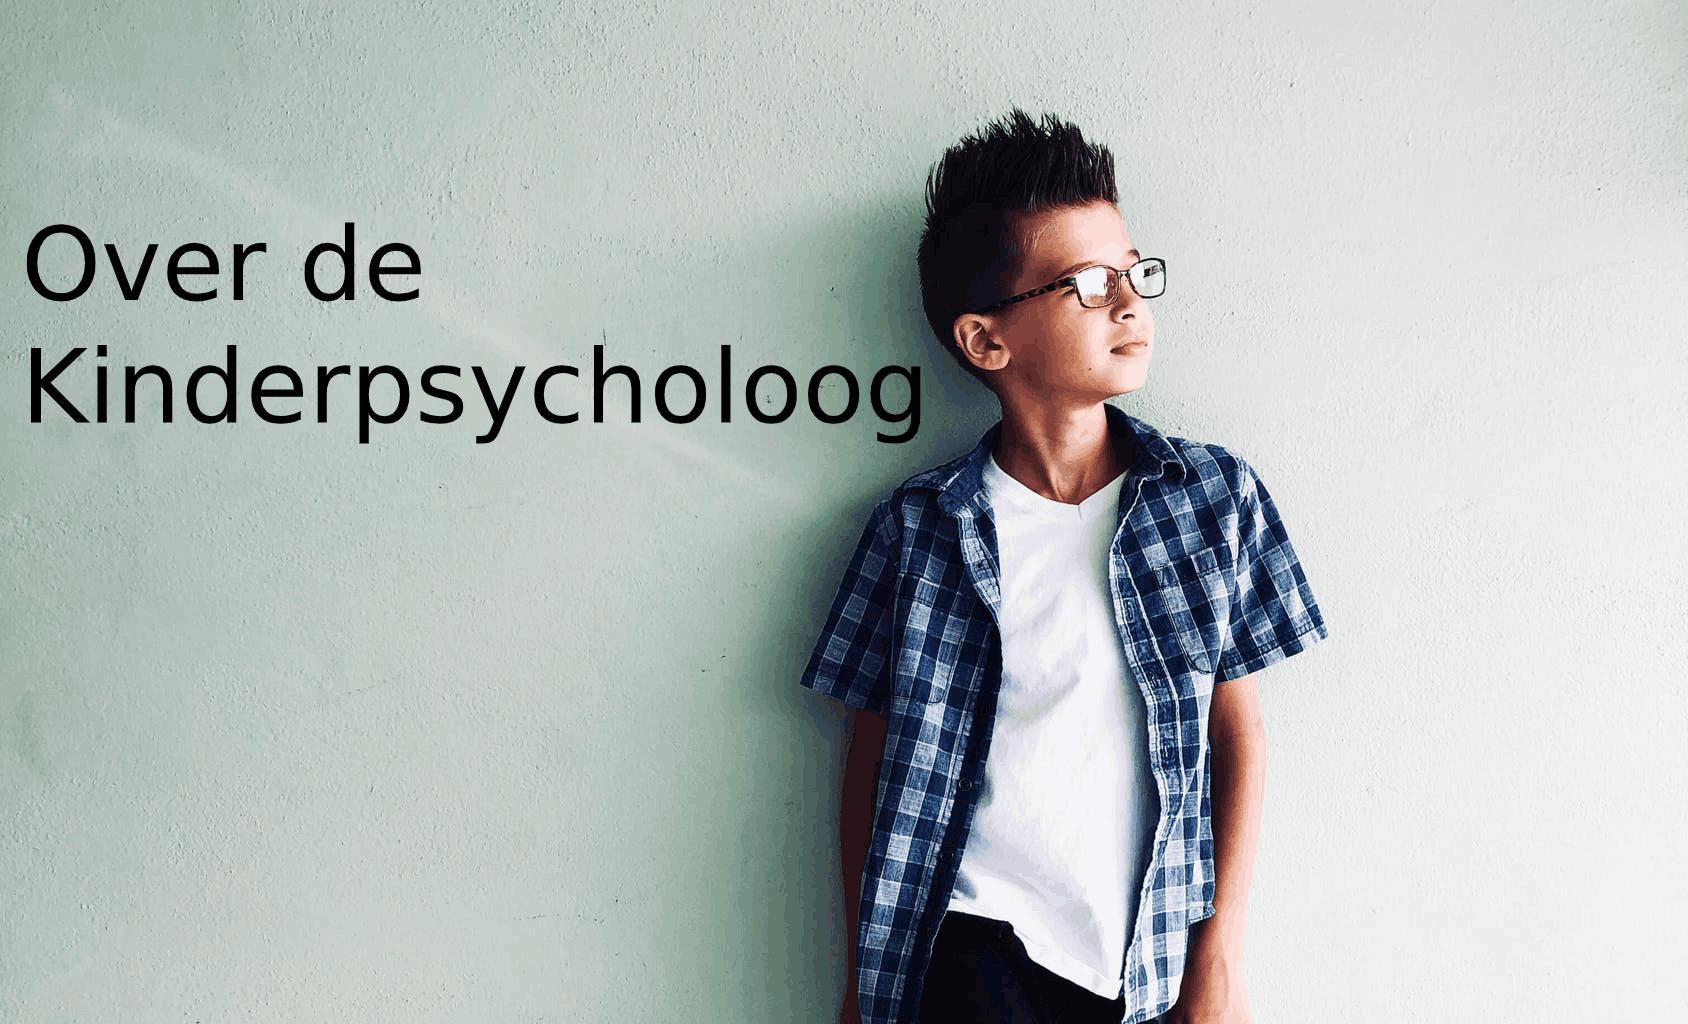 Kinderpsycholoog